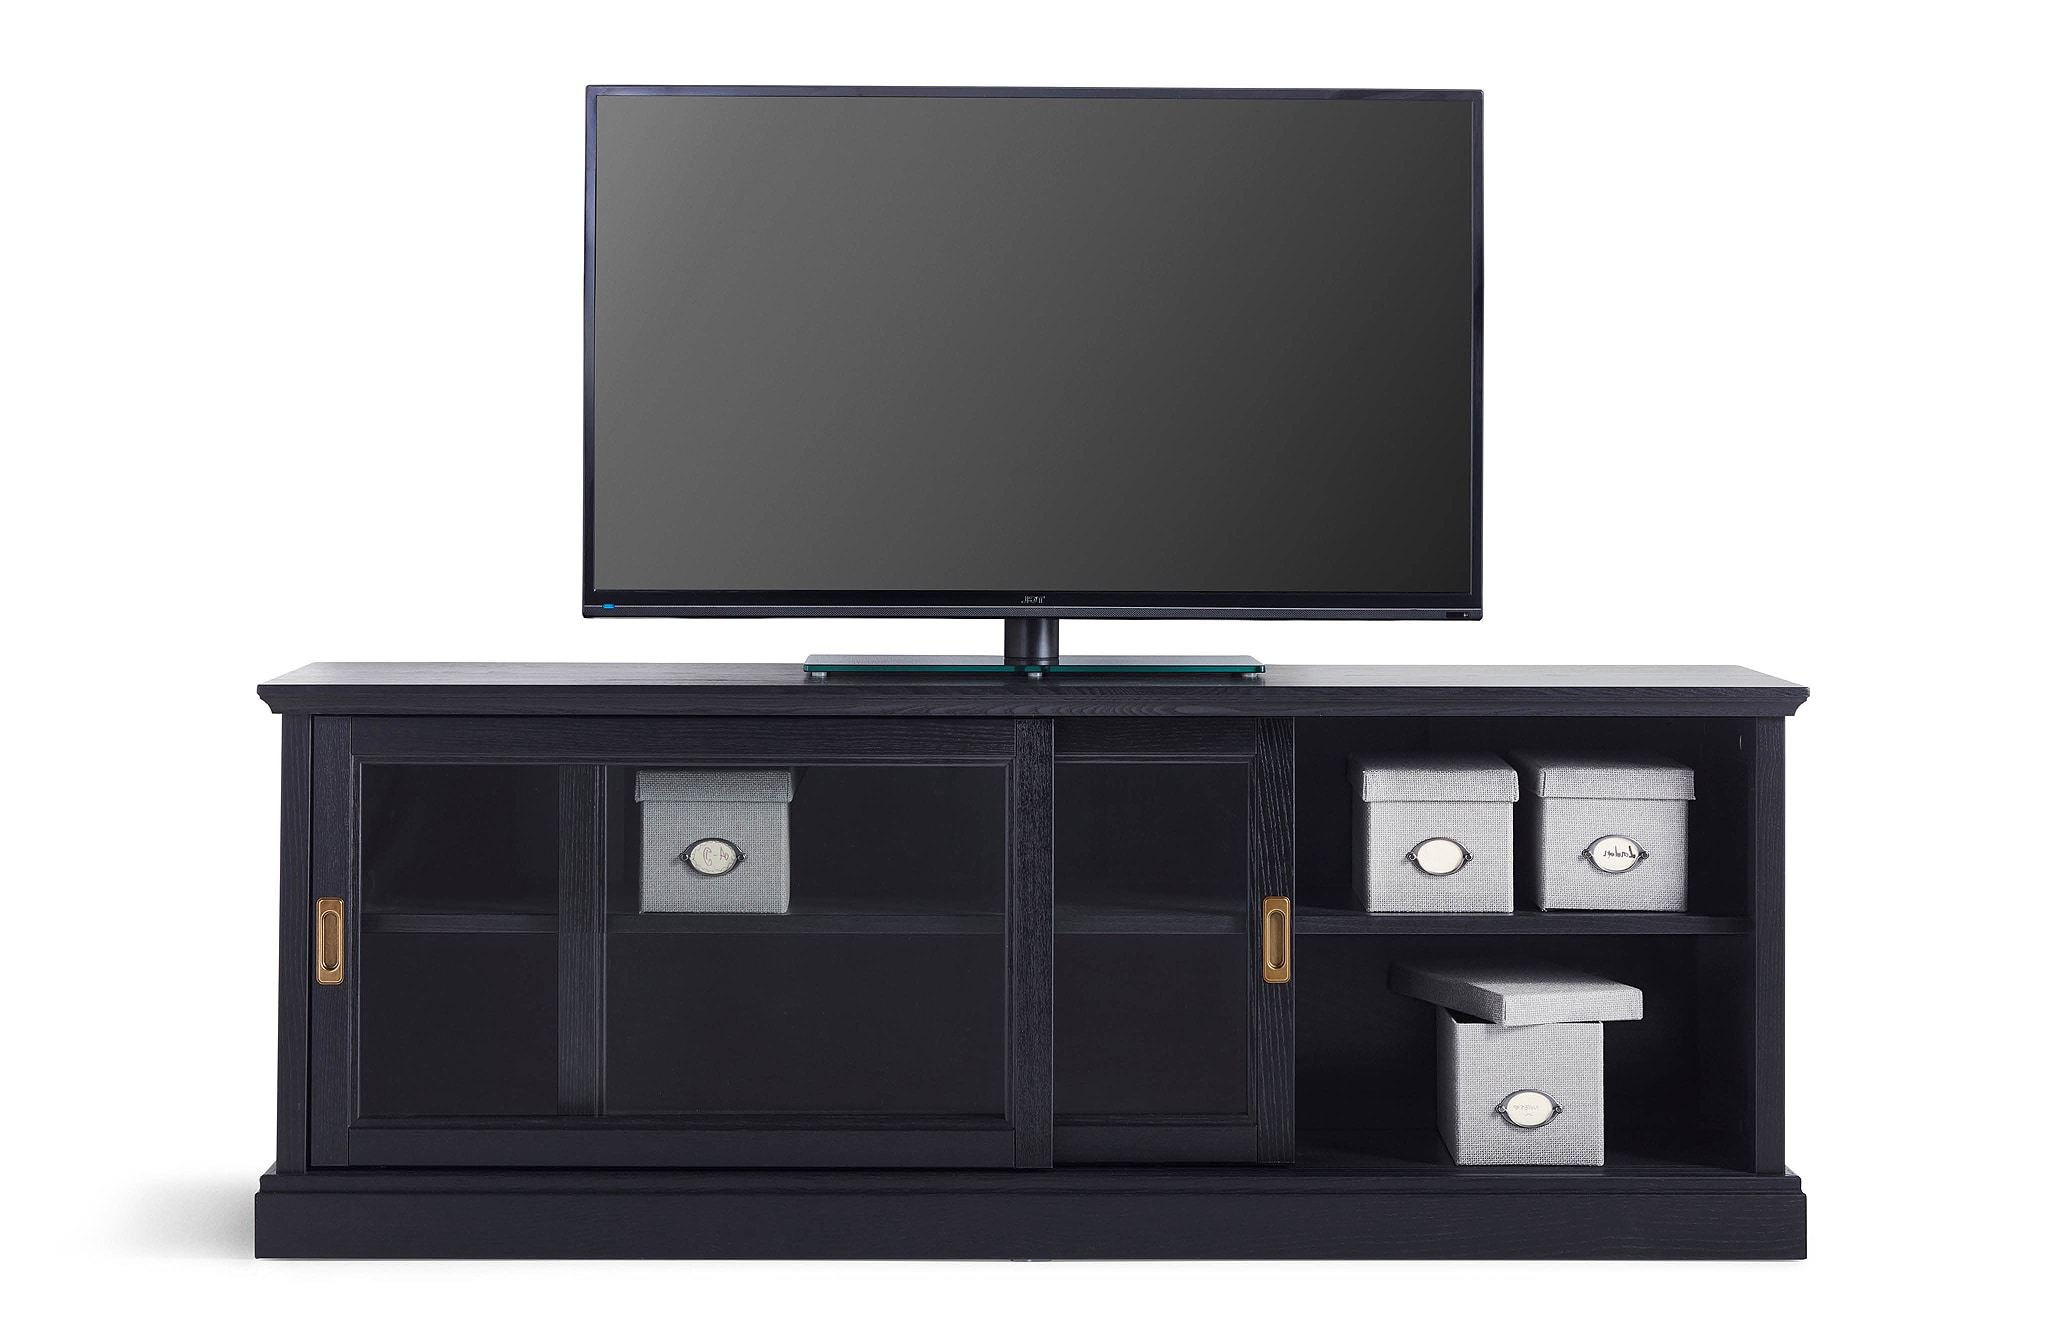 Mueble Tv Esquinero 0gdr Muebles De Tv Y Muebles Para El Salà N Pra Online Ikea